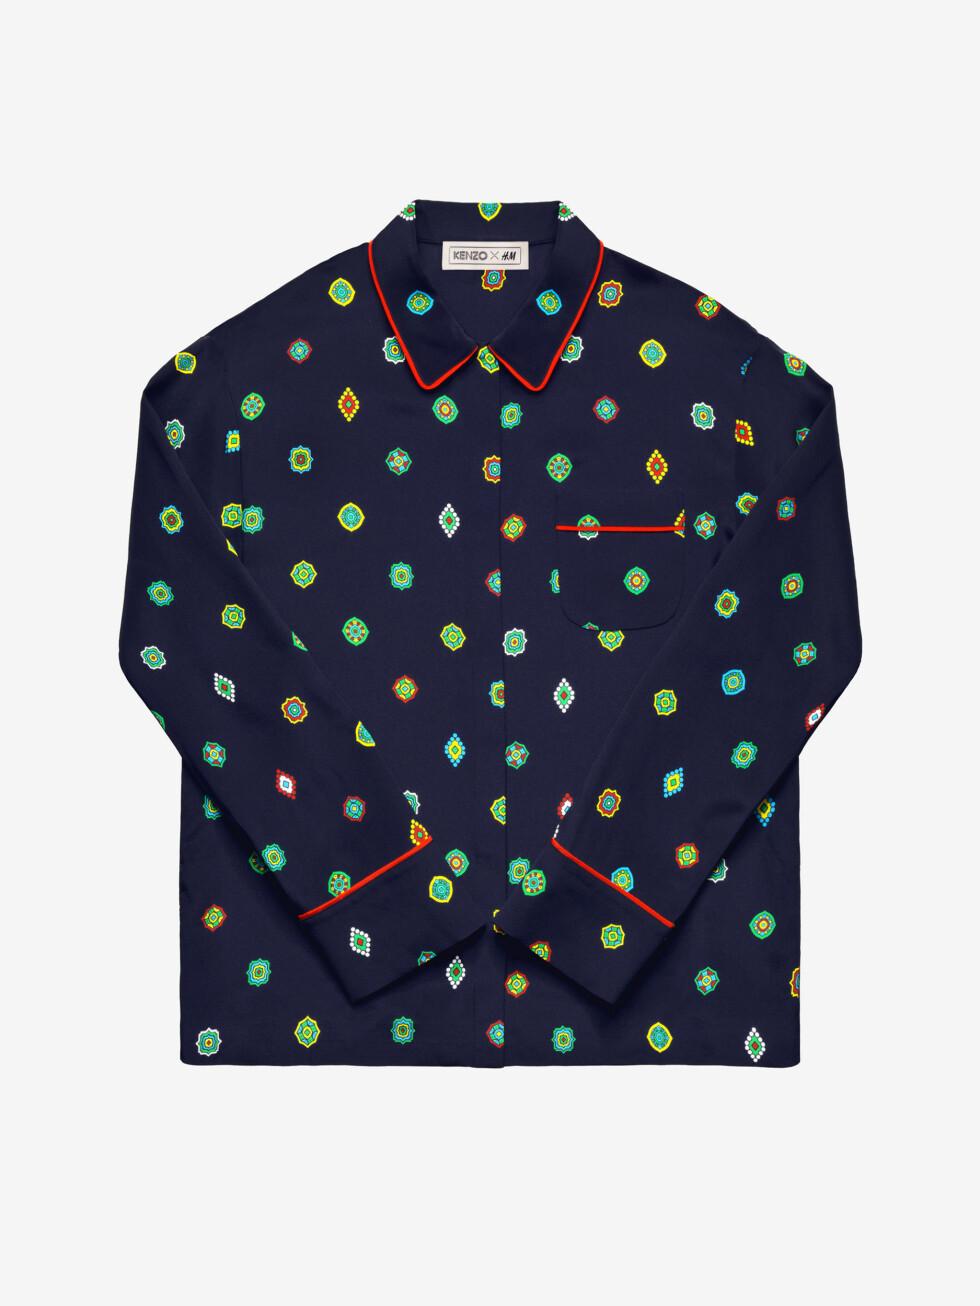 Skjorte, kr 599.